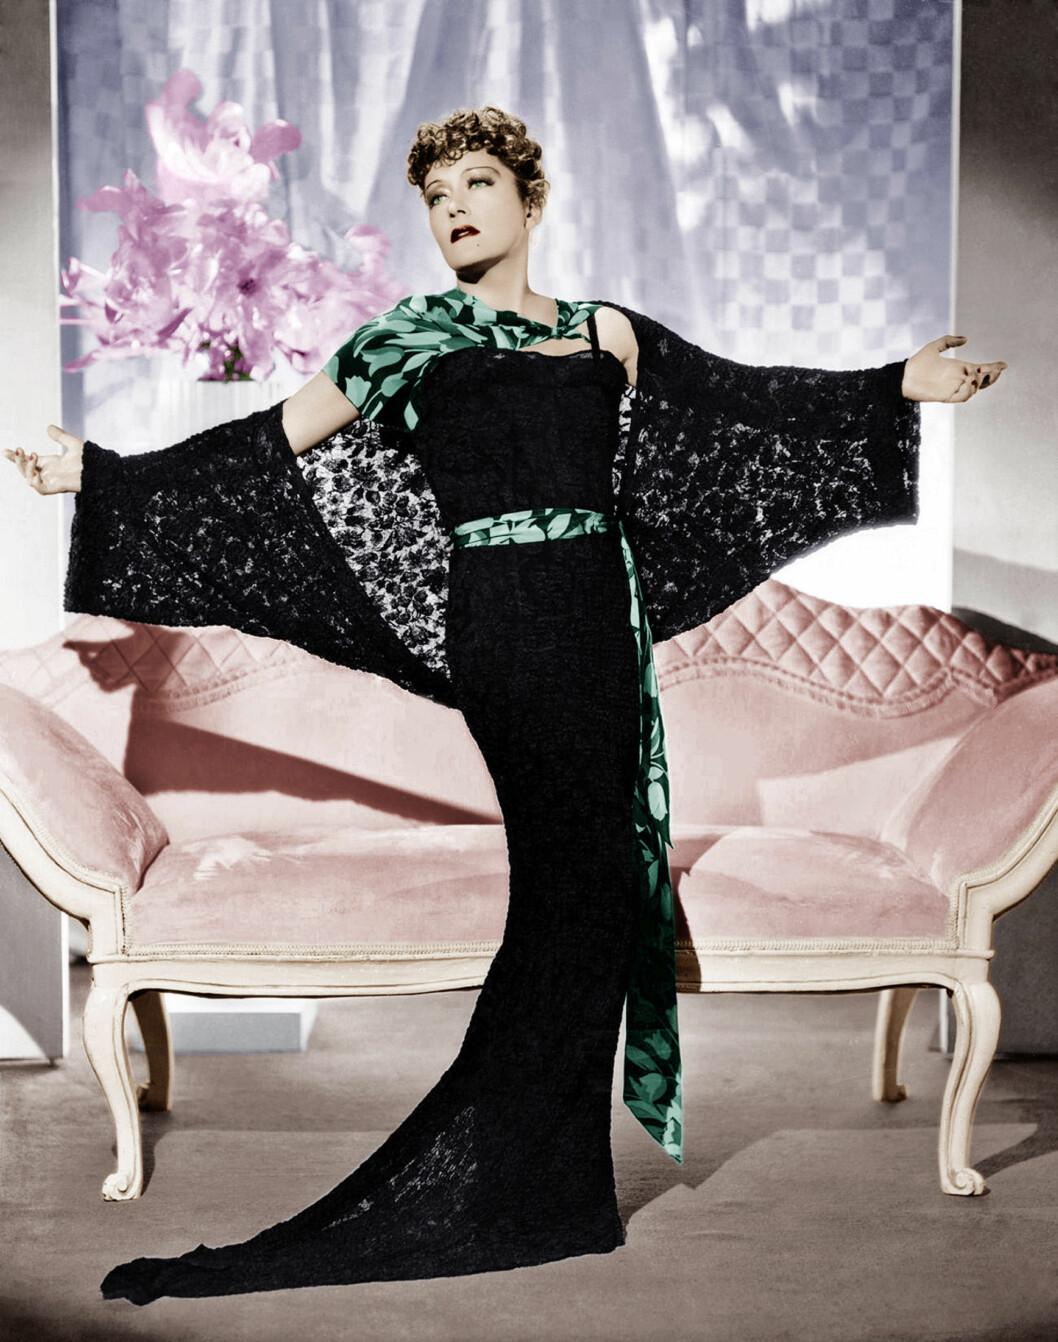 LEGENDE: Gloria Swanson var en av Hollywoods største skuespillere og hadde stor suksess blant annet i klassikeren «Sunset Boulevard» fra 1950.  Foto: Copyright ?? Everett Collection / Everett Collection/All Over Press